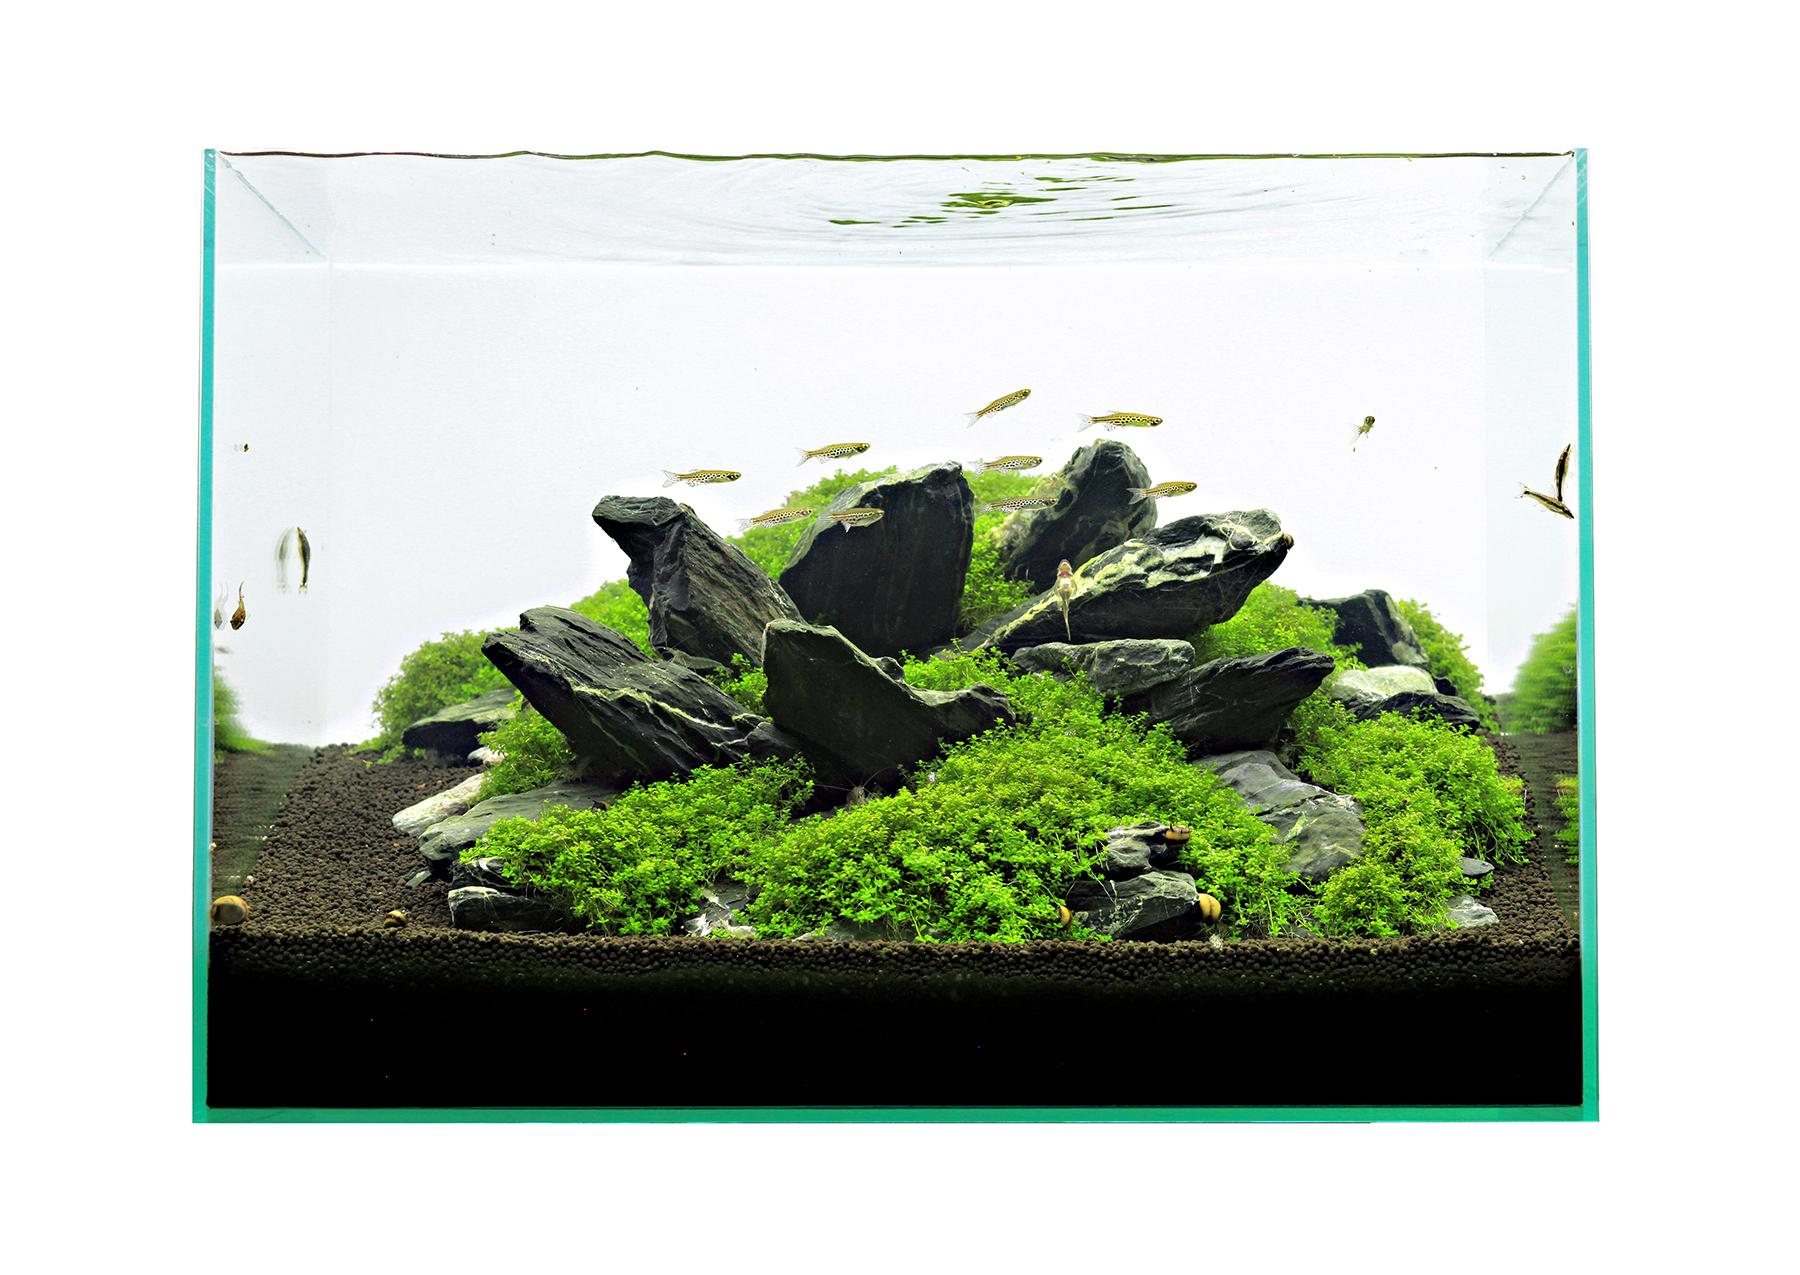 Das Einmaleins Der Aquarienpflanzen Vordergrundpflanzen